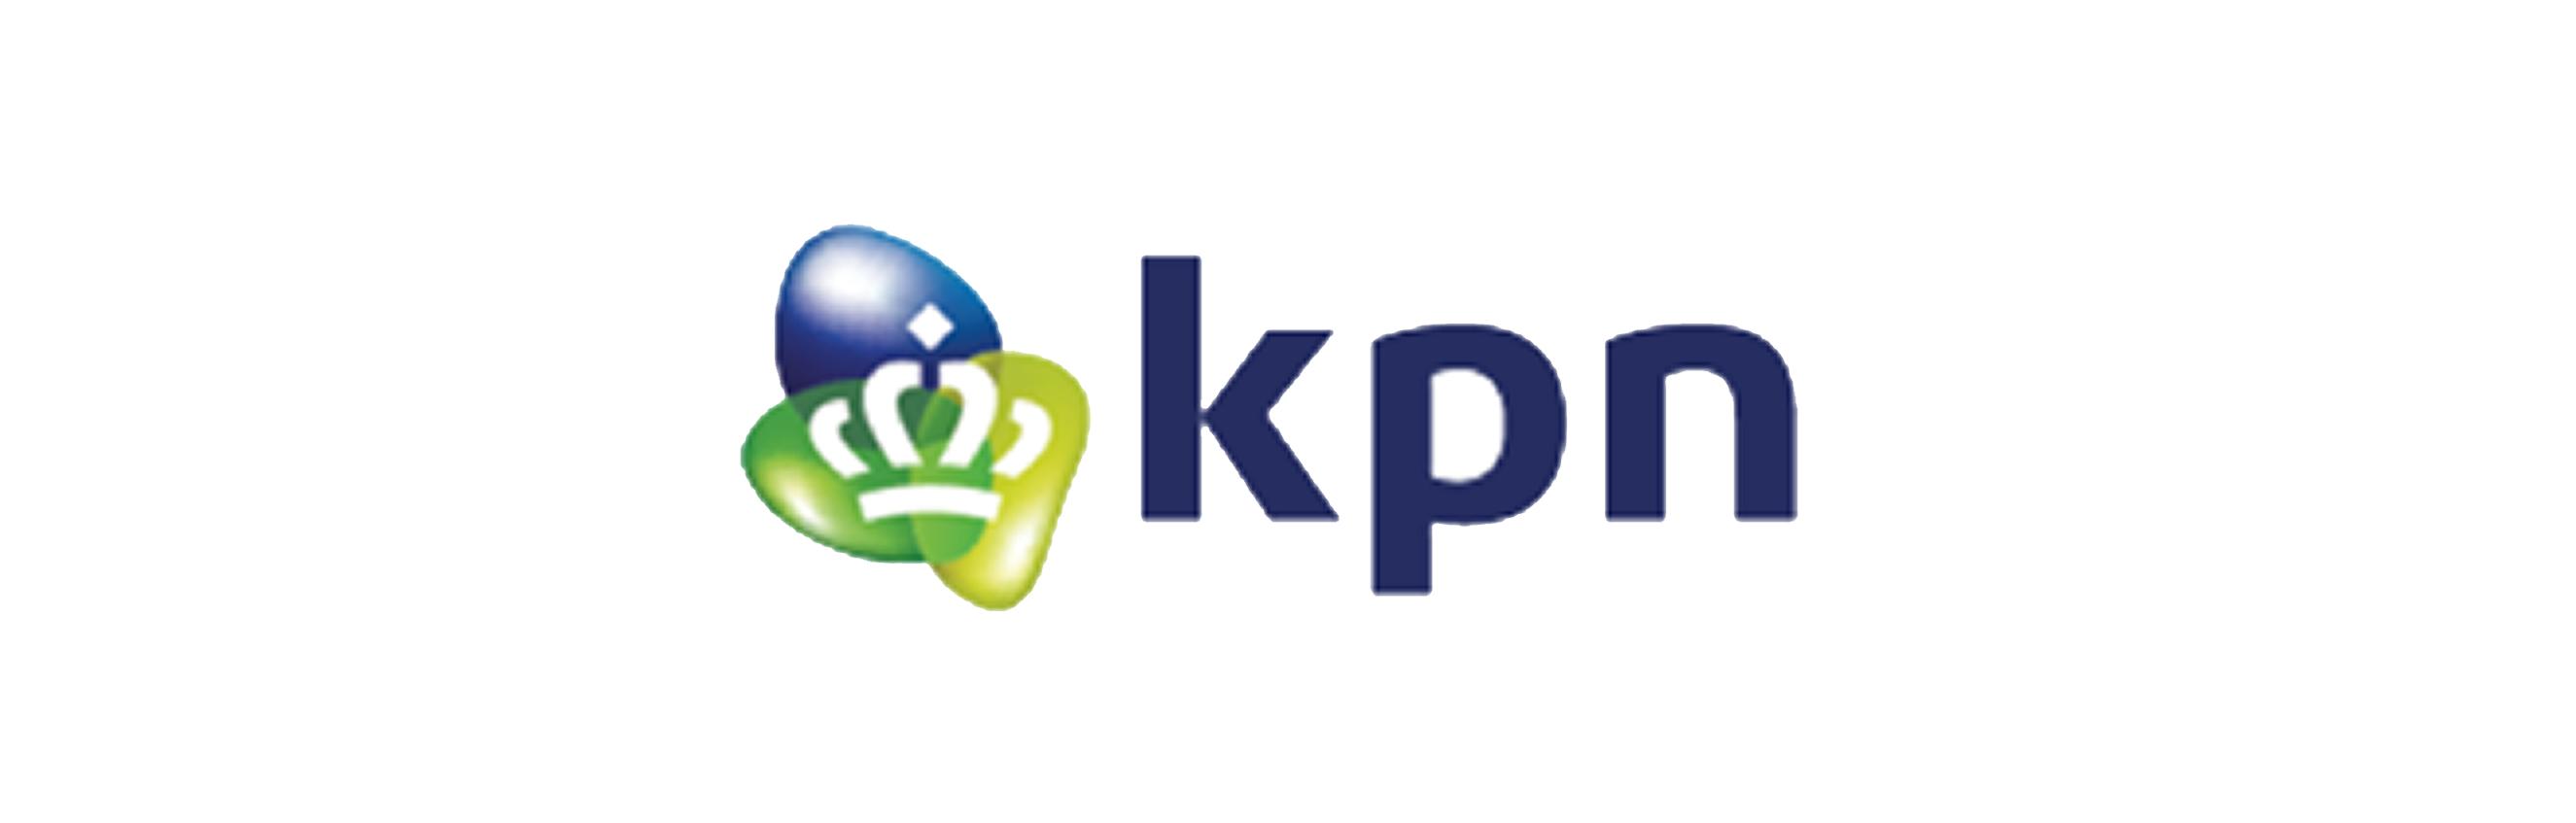 KPN2xkopie